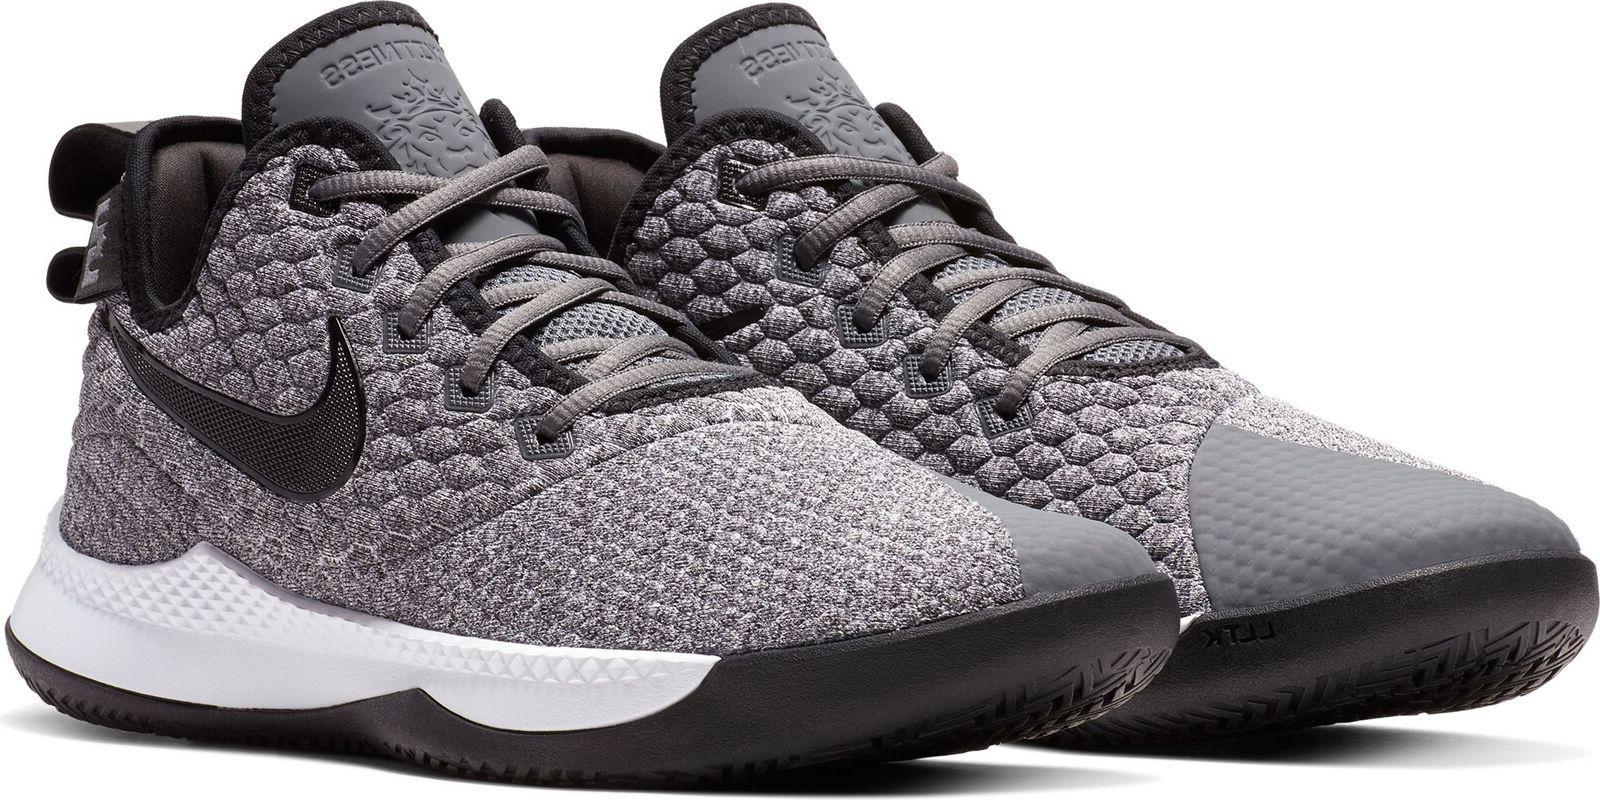 Nike Lebron Witness 3 III Grey/Black